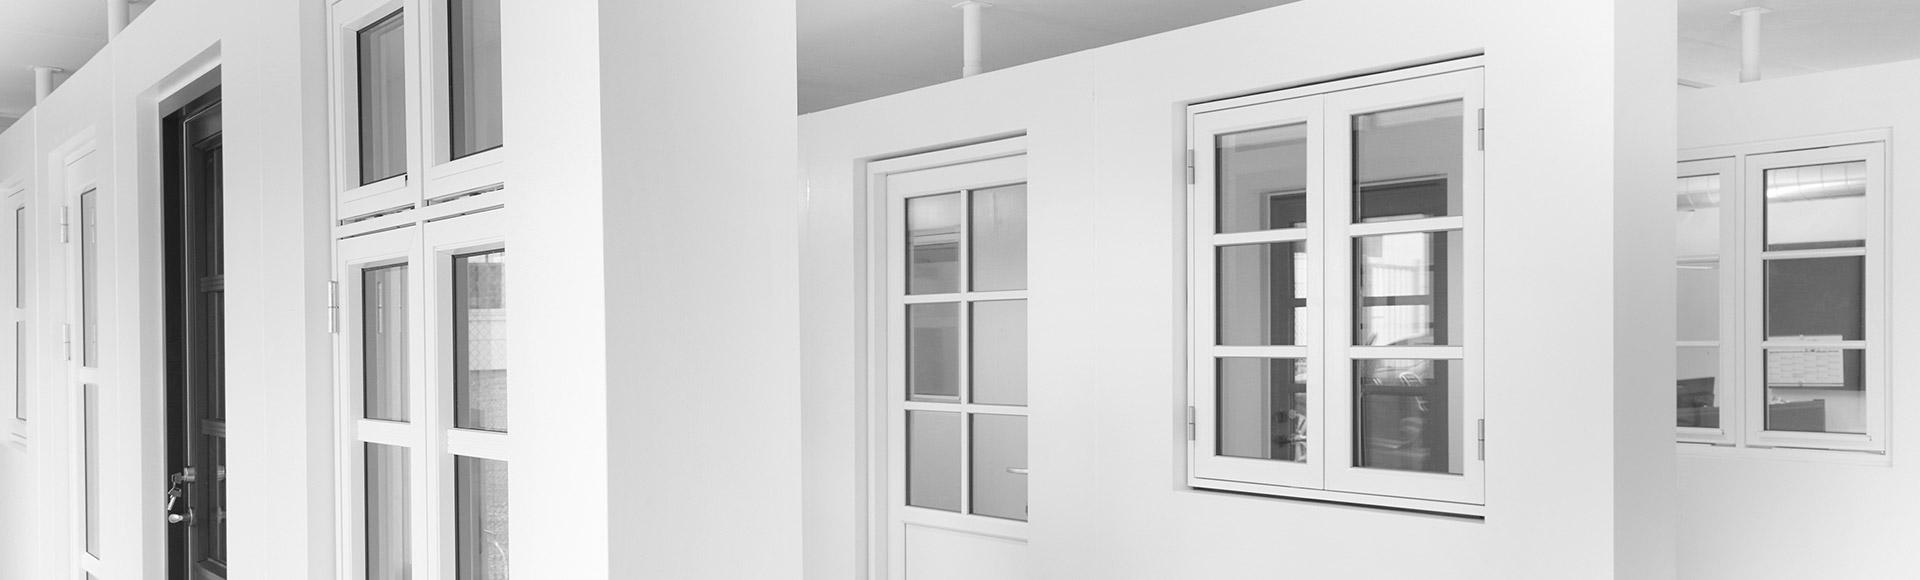 Full Size of Fenster Sprossen Innenliegend Kosten Mit Preis Anthrazit Oder Ohne Landhausstil Preise Und Rolladen Selber Machen Preisunterschied Rollladen Innenliegenden Fenster Fenster Mit Sprossen